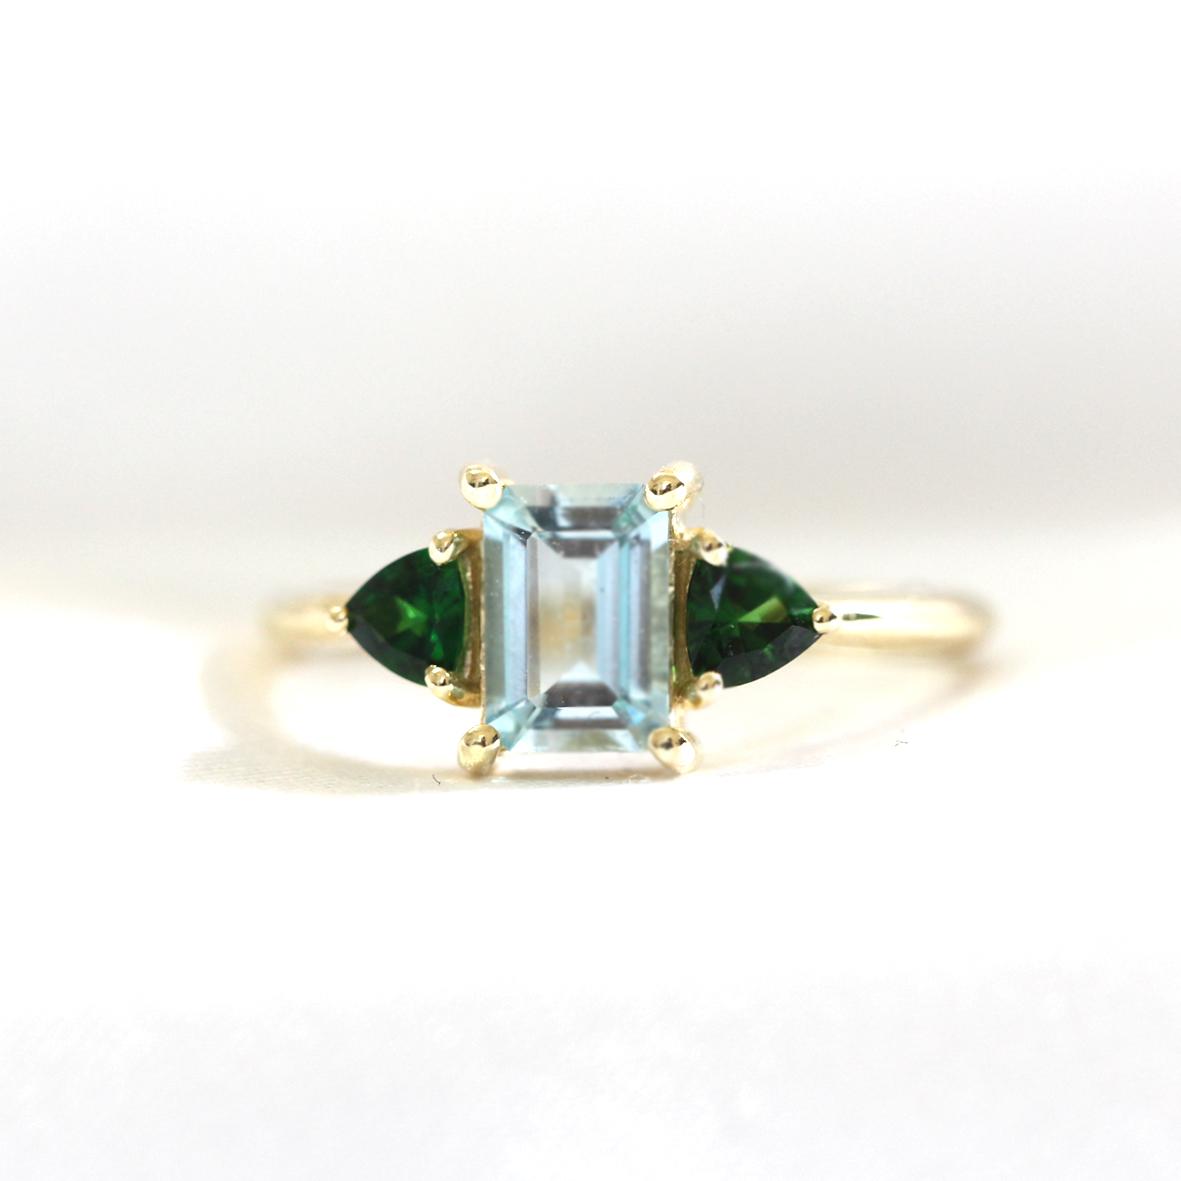 טבעת זהב משובצת אקוואה מרין בחיתוך אמרלד קאט וטורמלין ירוק בחיתוך טריליון בצדדים